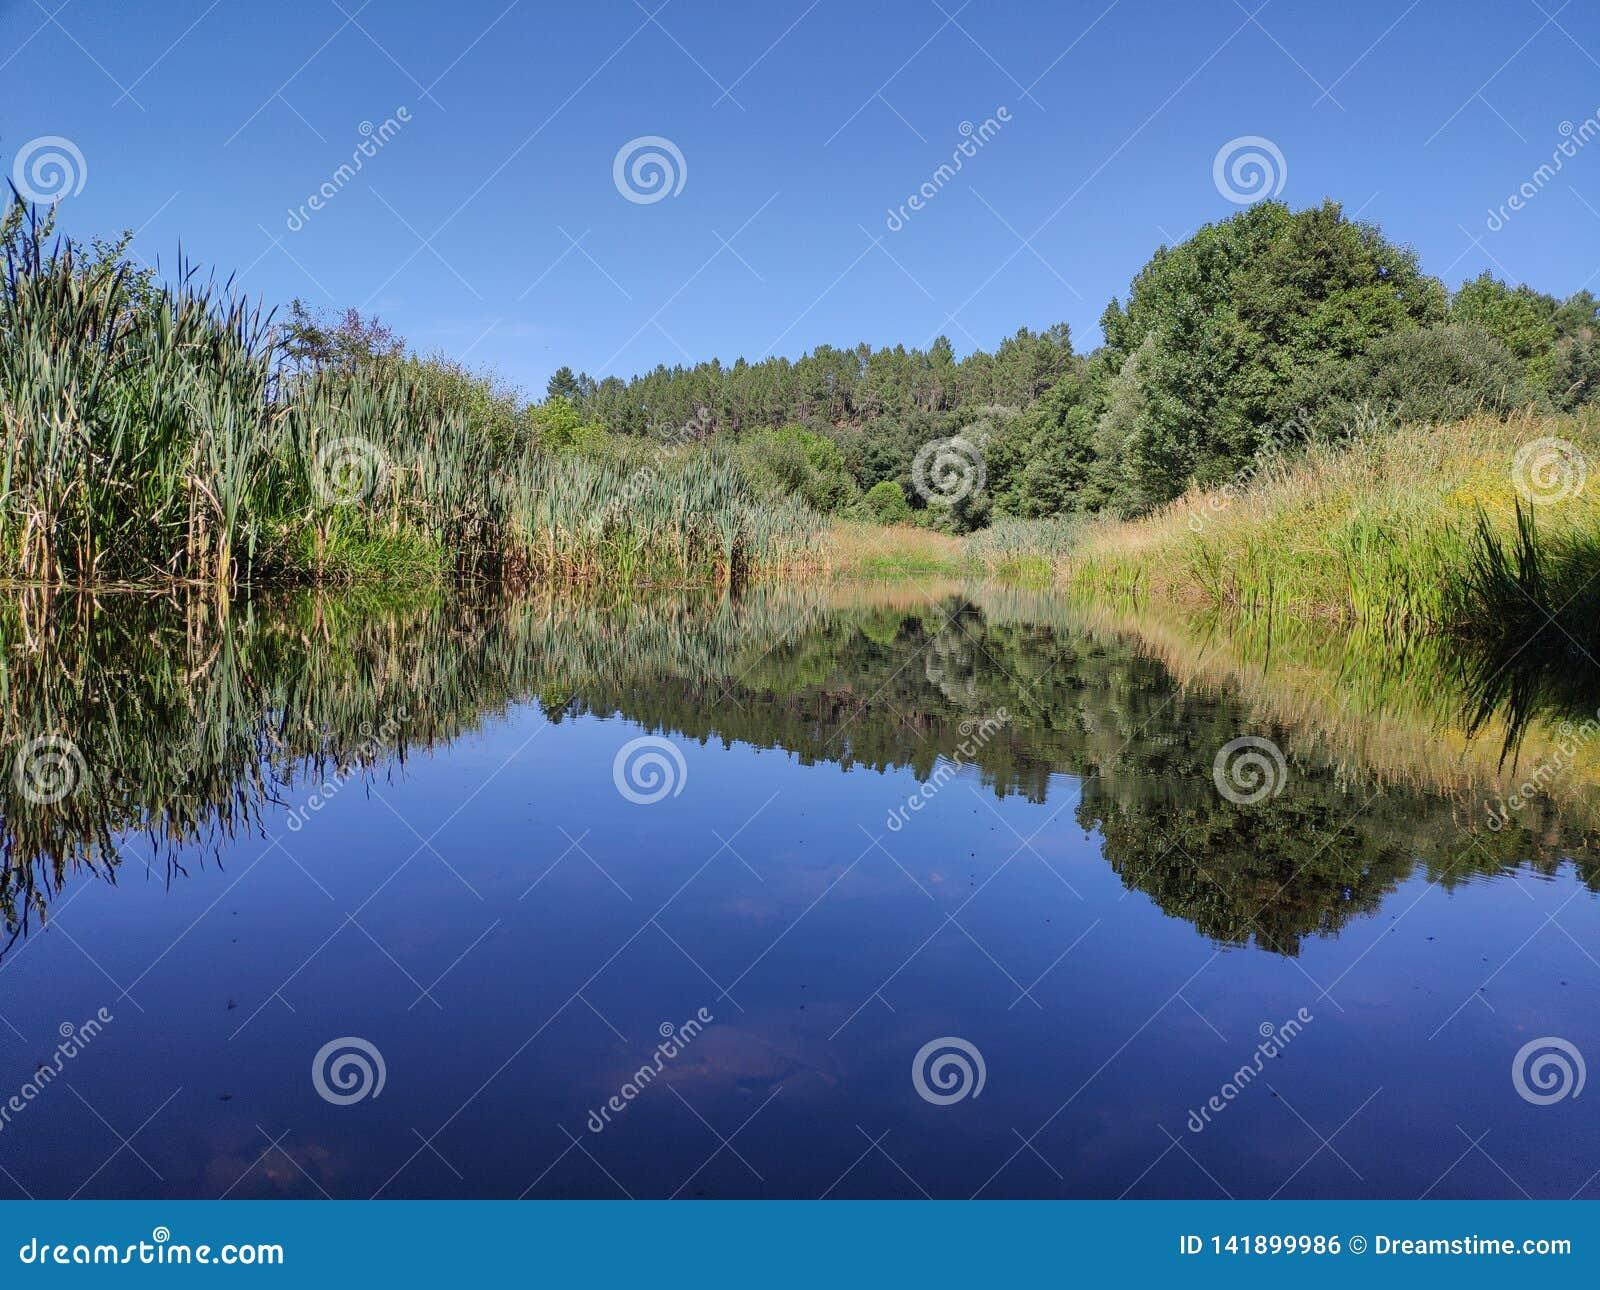 Vegetatie op de rand van een rivier in zijn water wordt weerspiegeld dat